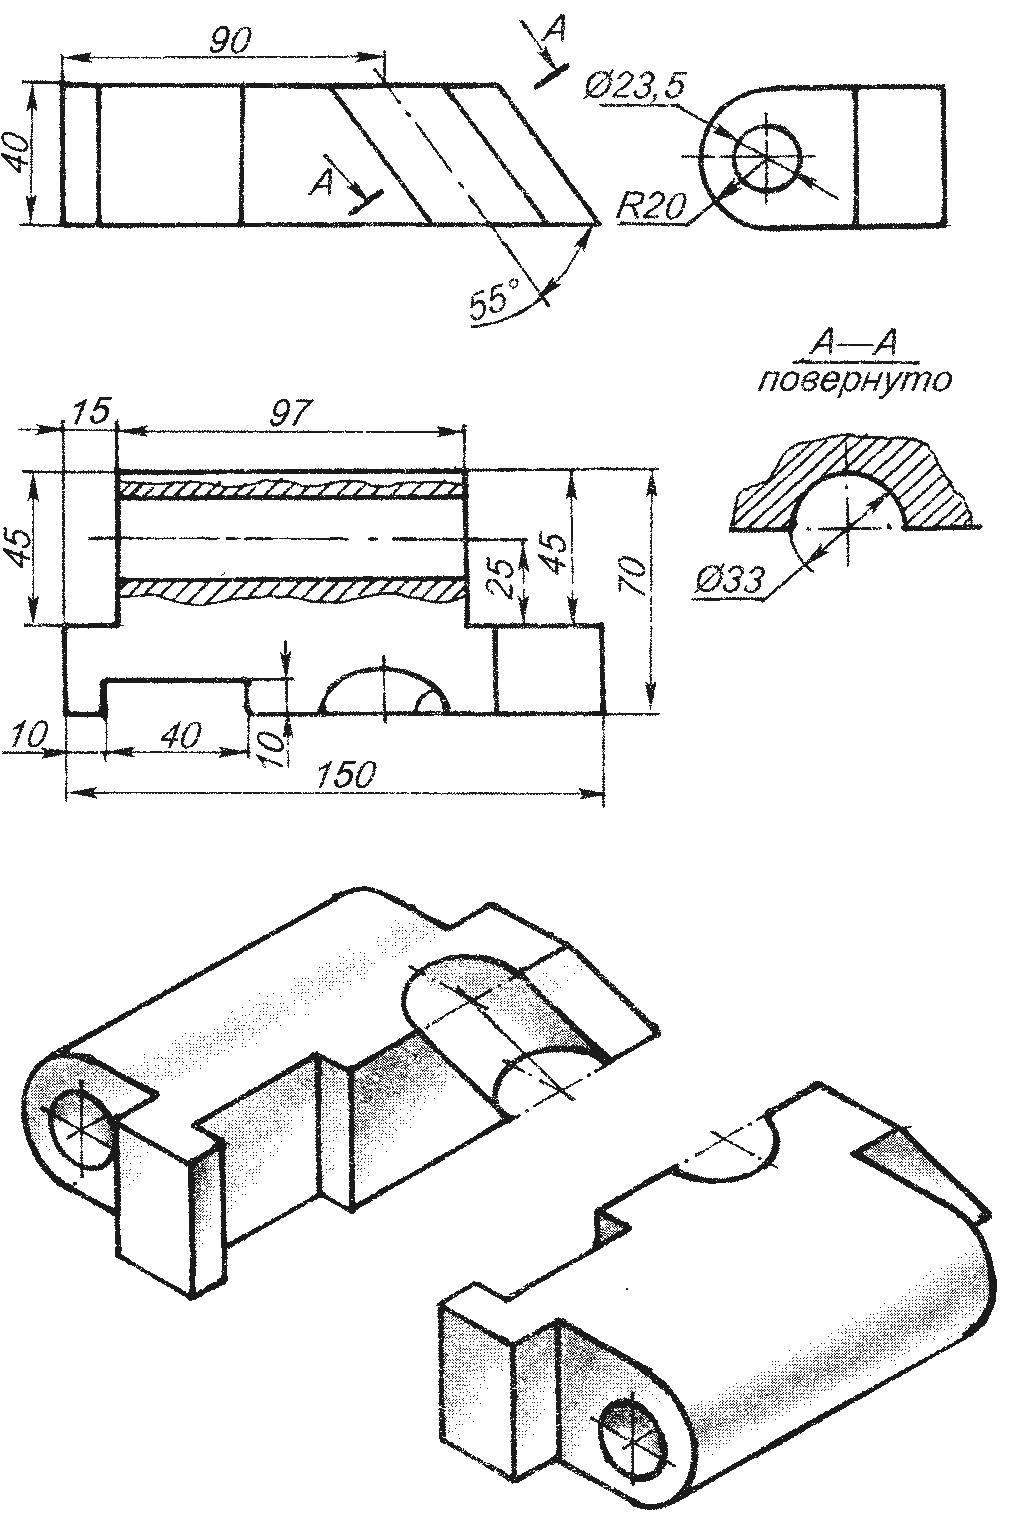 Левая половинка кронштейна крепления заднего амортизатора к корпусу аэросаней; правая половинка — зеркально отображенная (Ст.3 или сталь 45, 4 шт.)